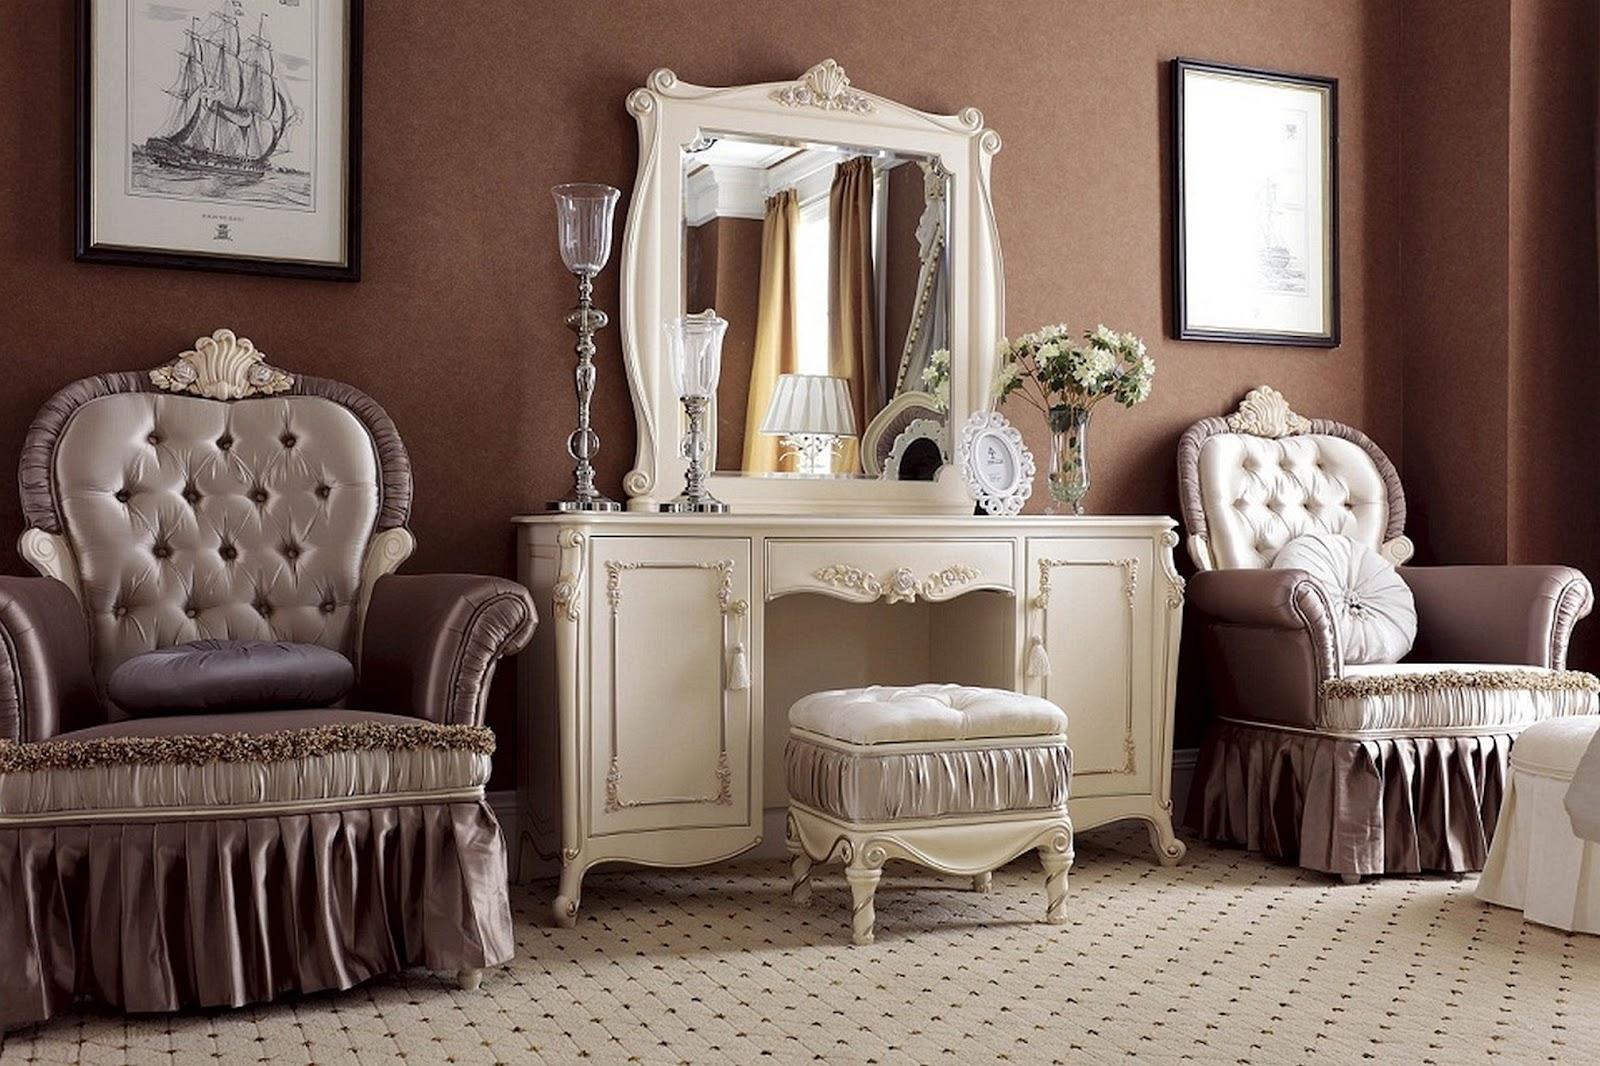 Blog TripleJ - Cara Memasang Cermin Untuk Desain Interior